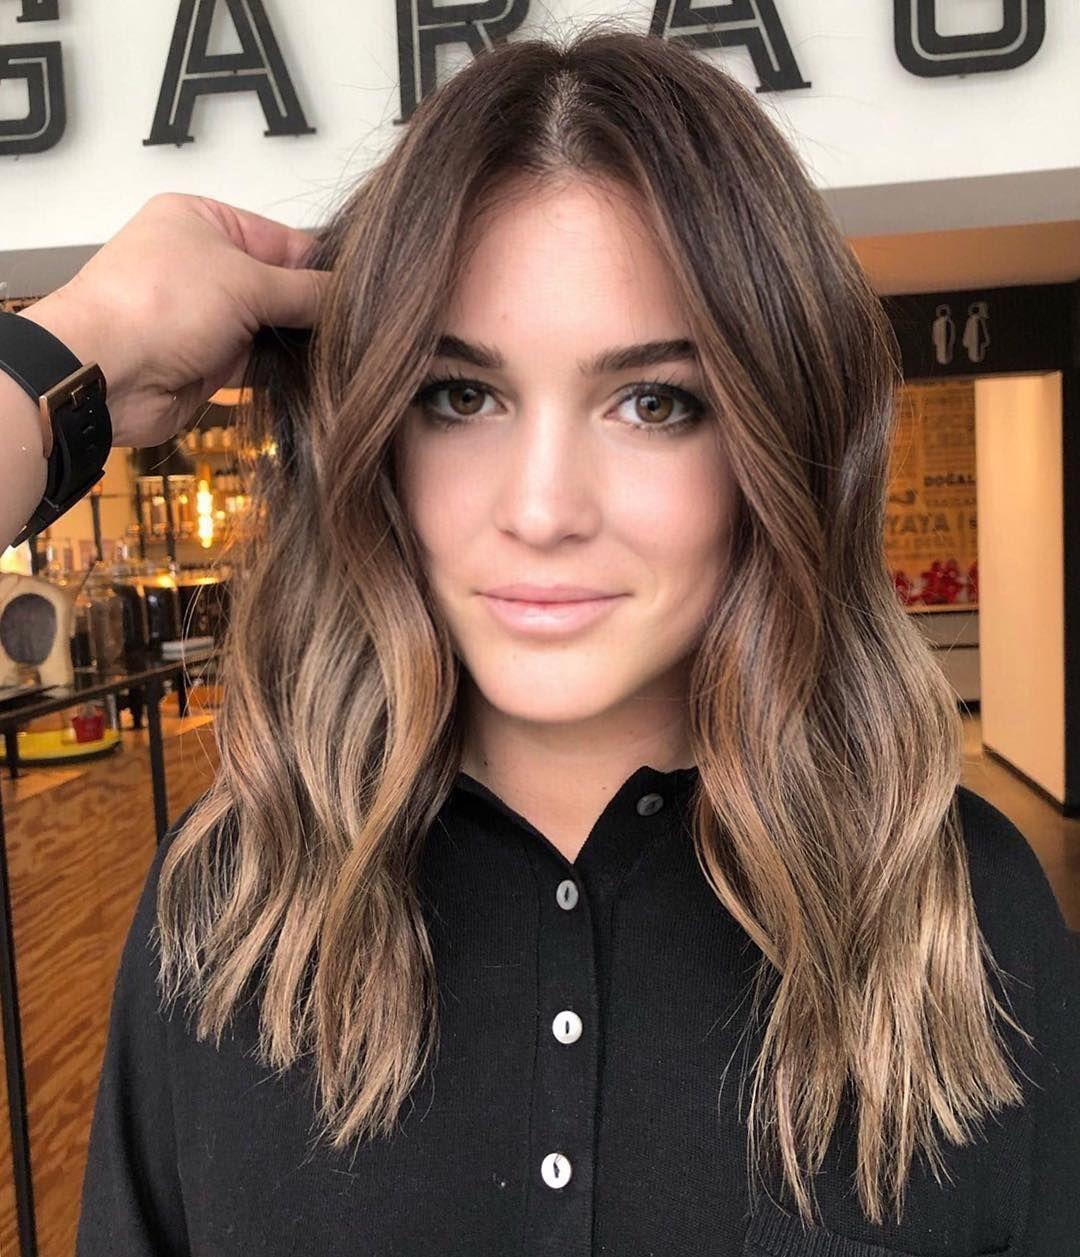 Cada vez más mujeres opleve animan a utilizar el cabello corto, está muy relac…